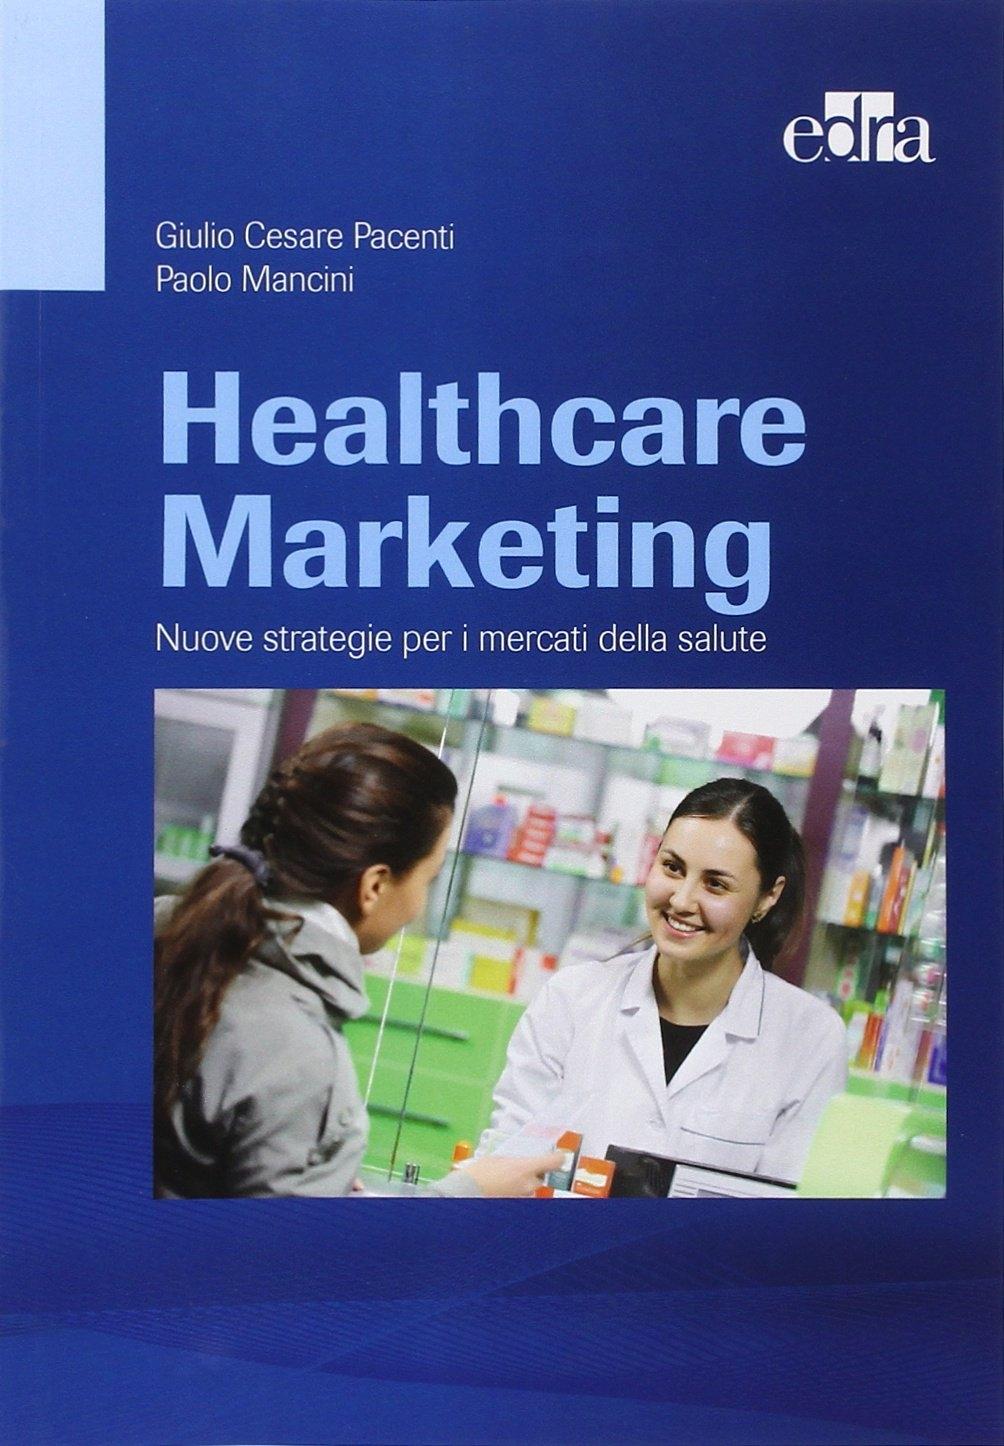 Healthcare marketing. Nuove strategie per i mercati della salute